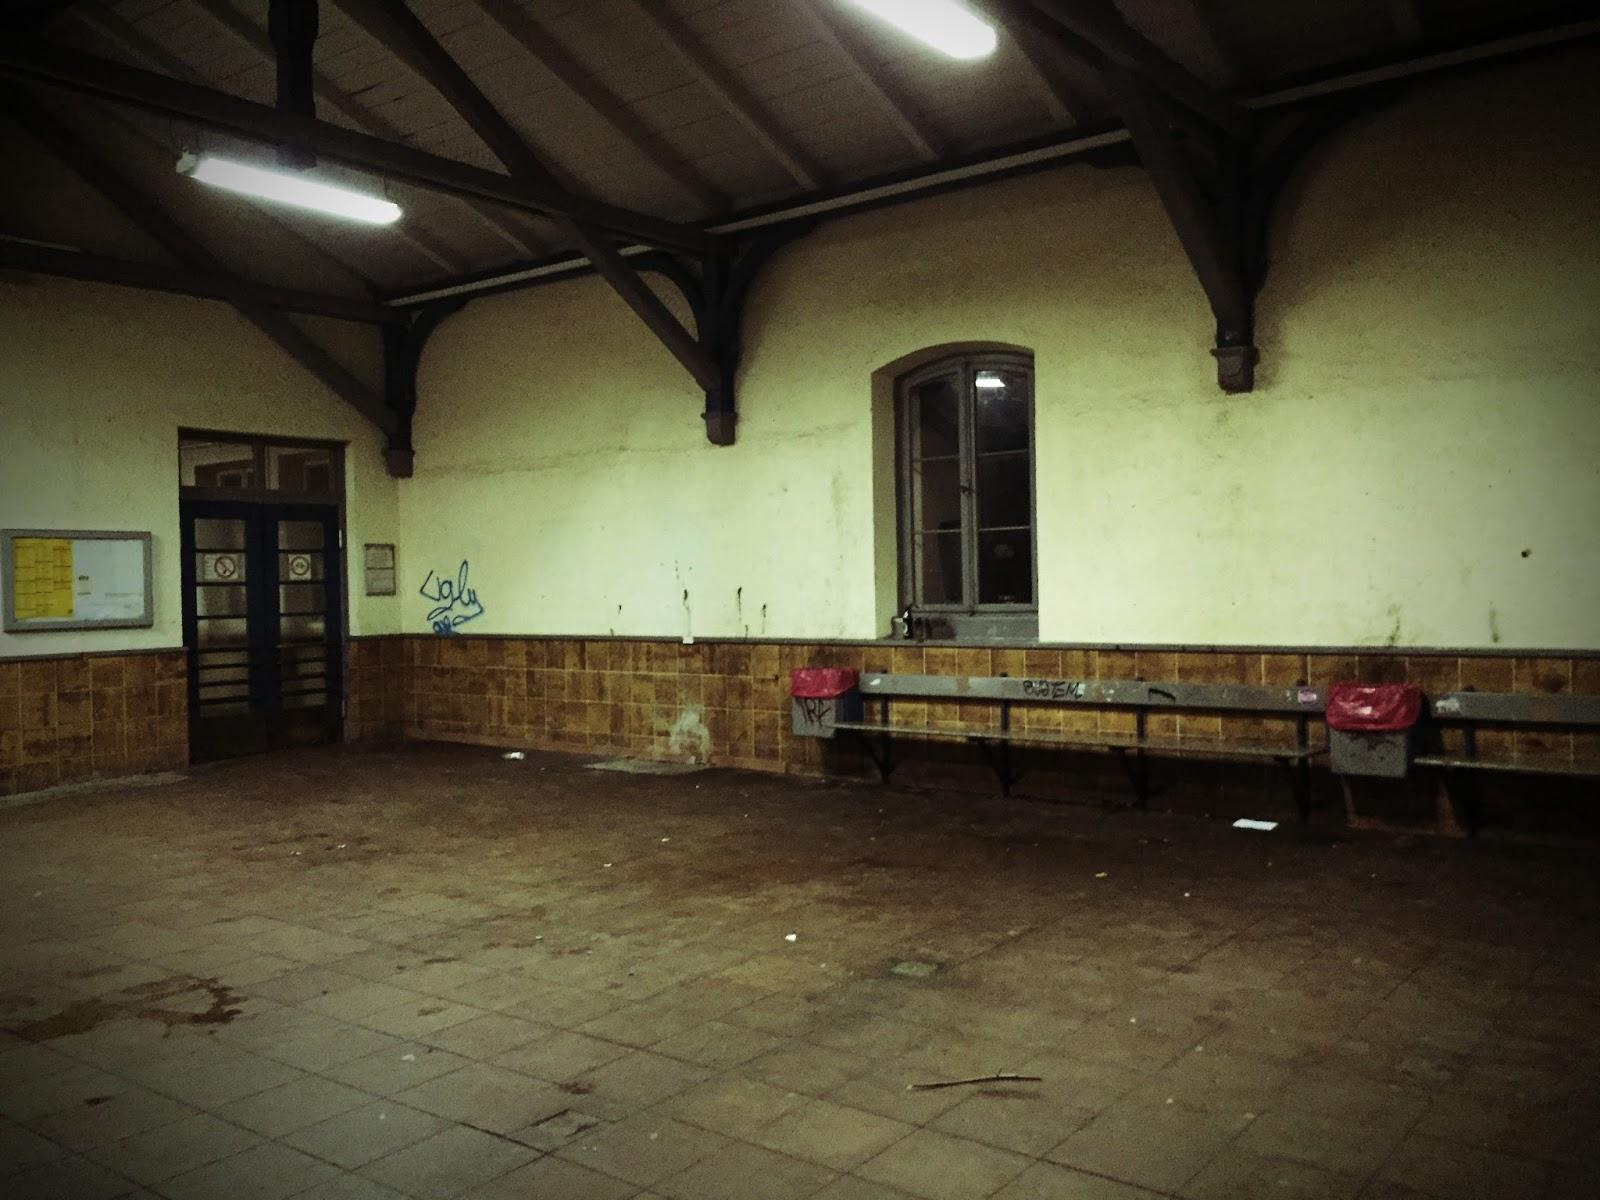 Wartehalle Bahnhof Schondorf am Ammersee